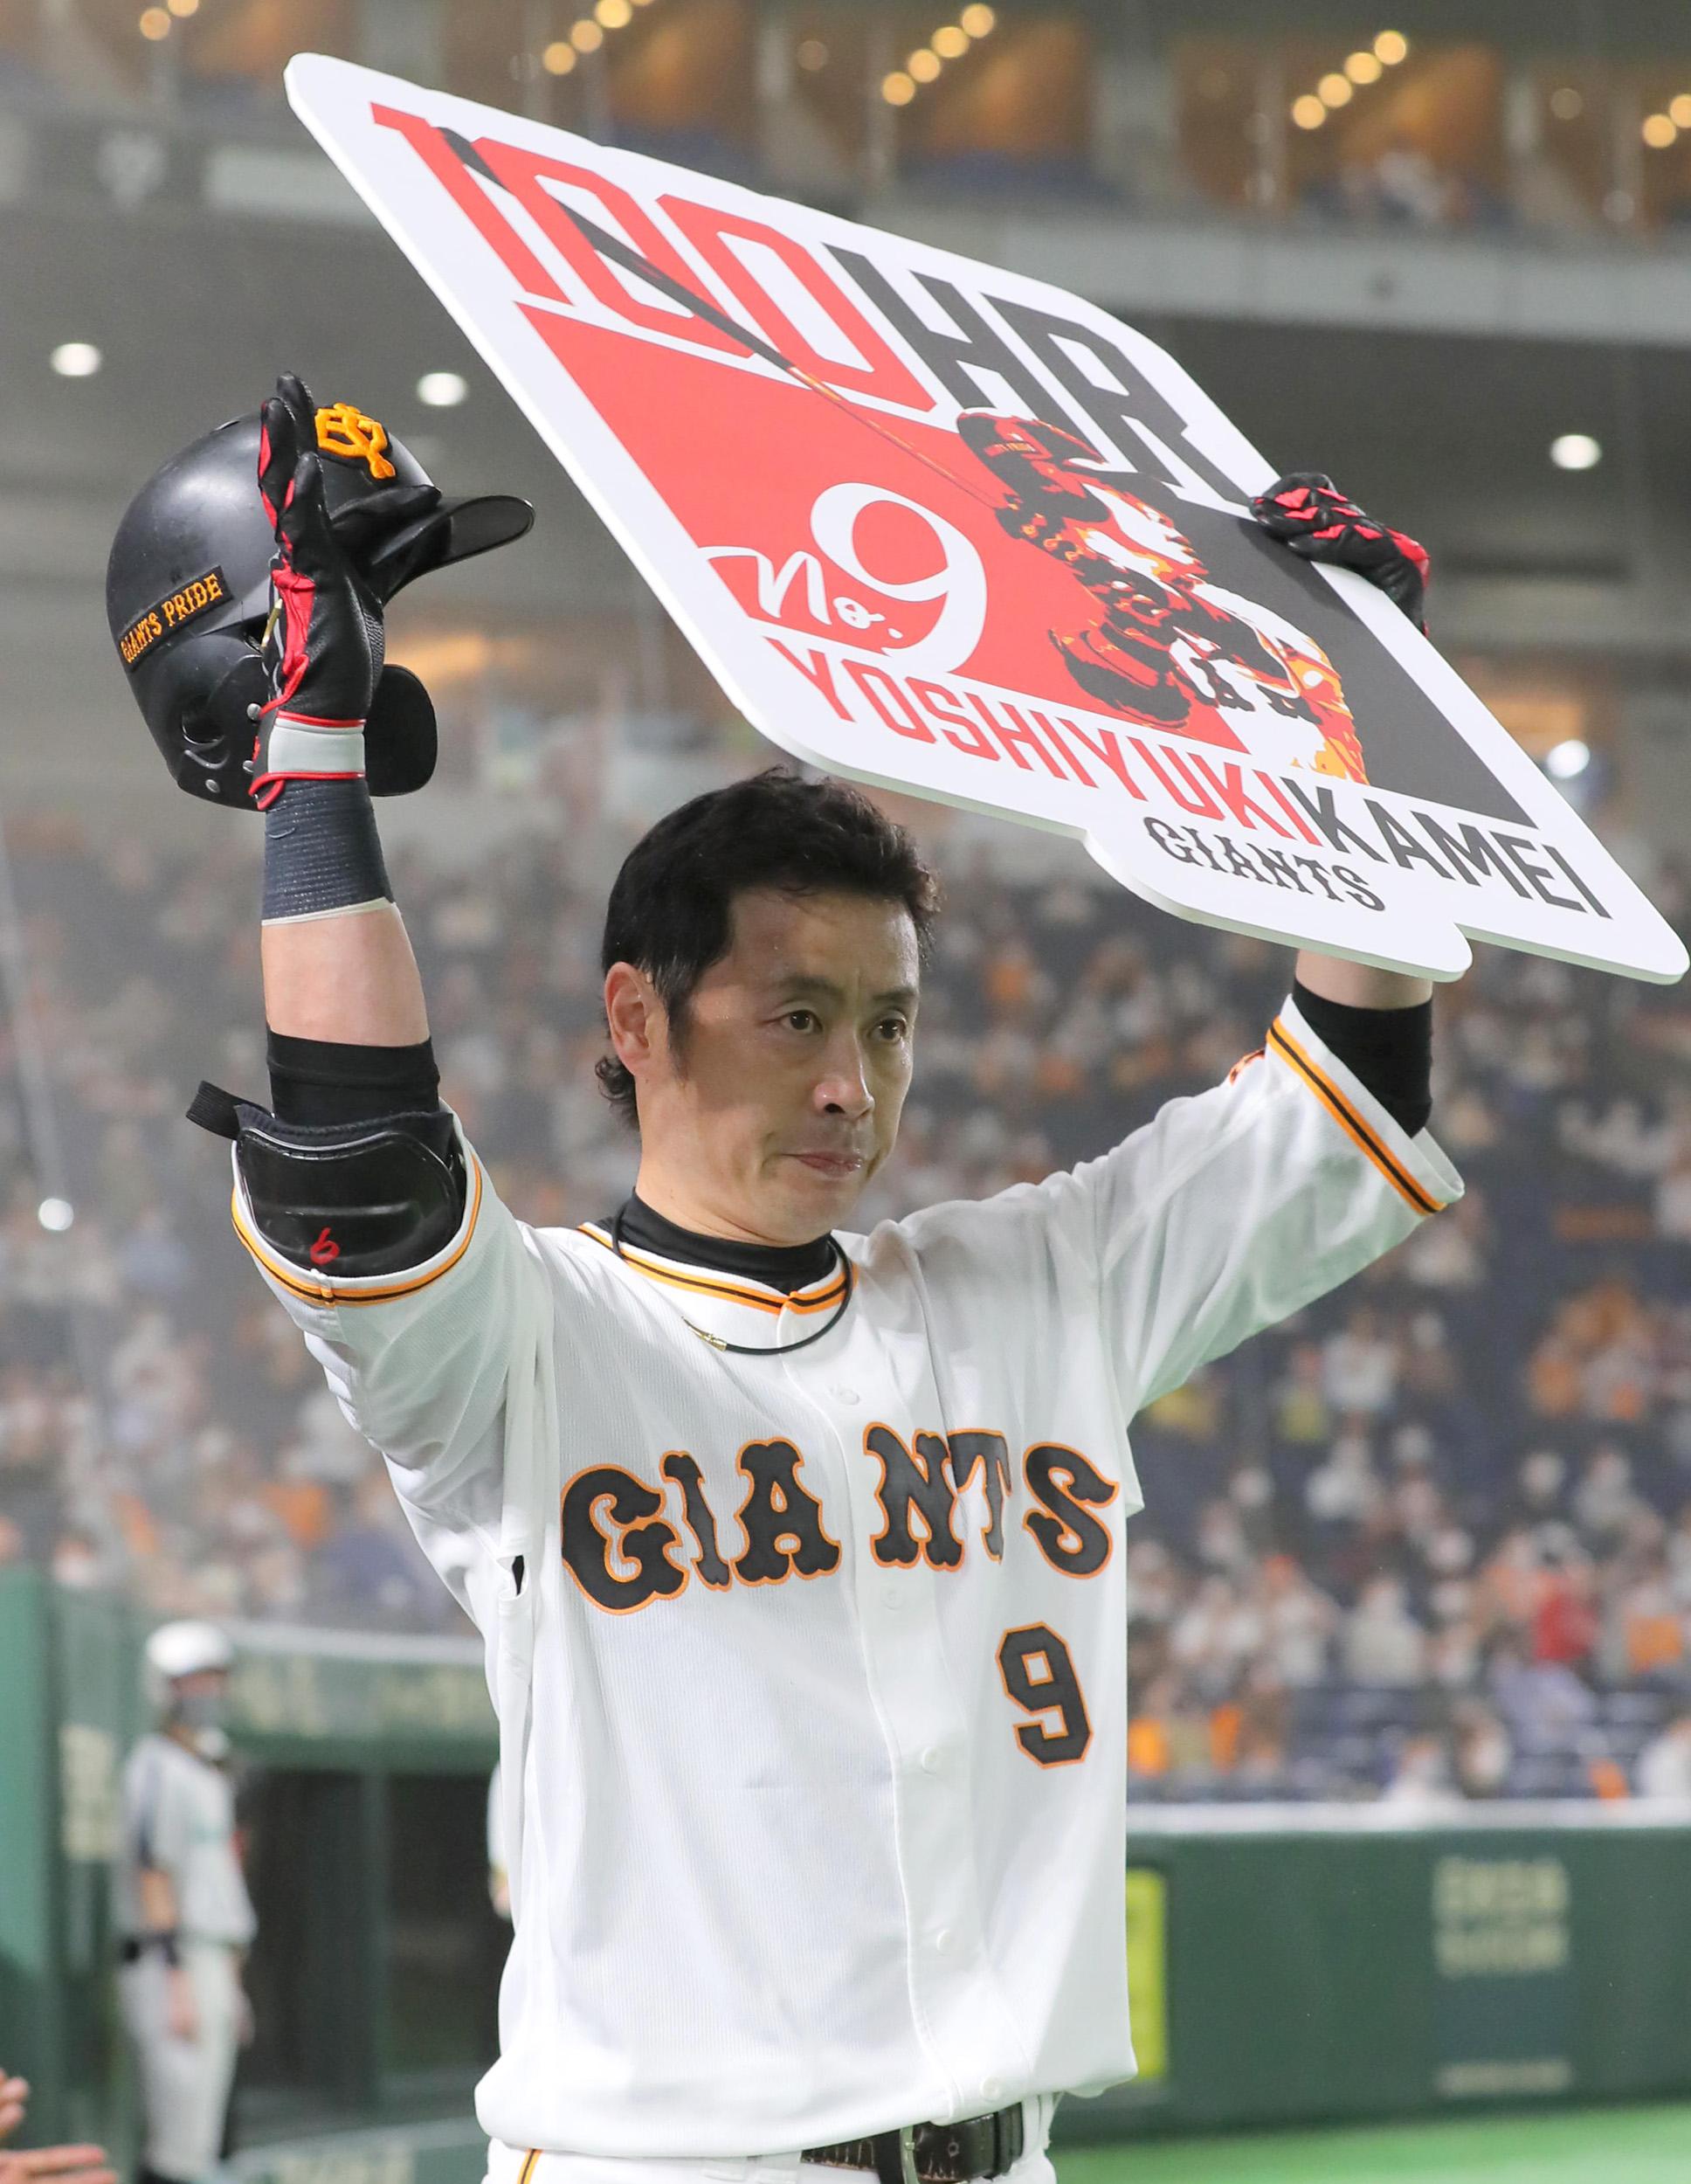 巨人・亀井が通算100号達成 38歳10カ月は史上4位タイのスロー記録 - サンスポ